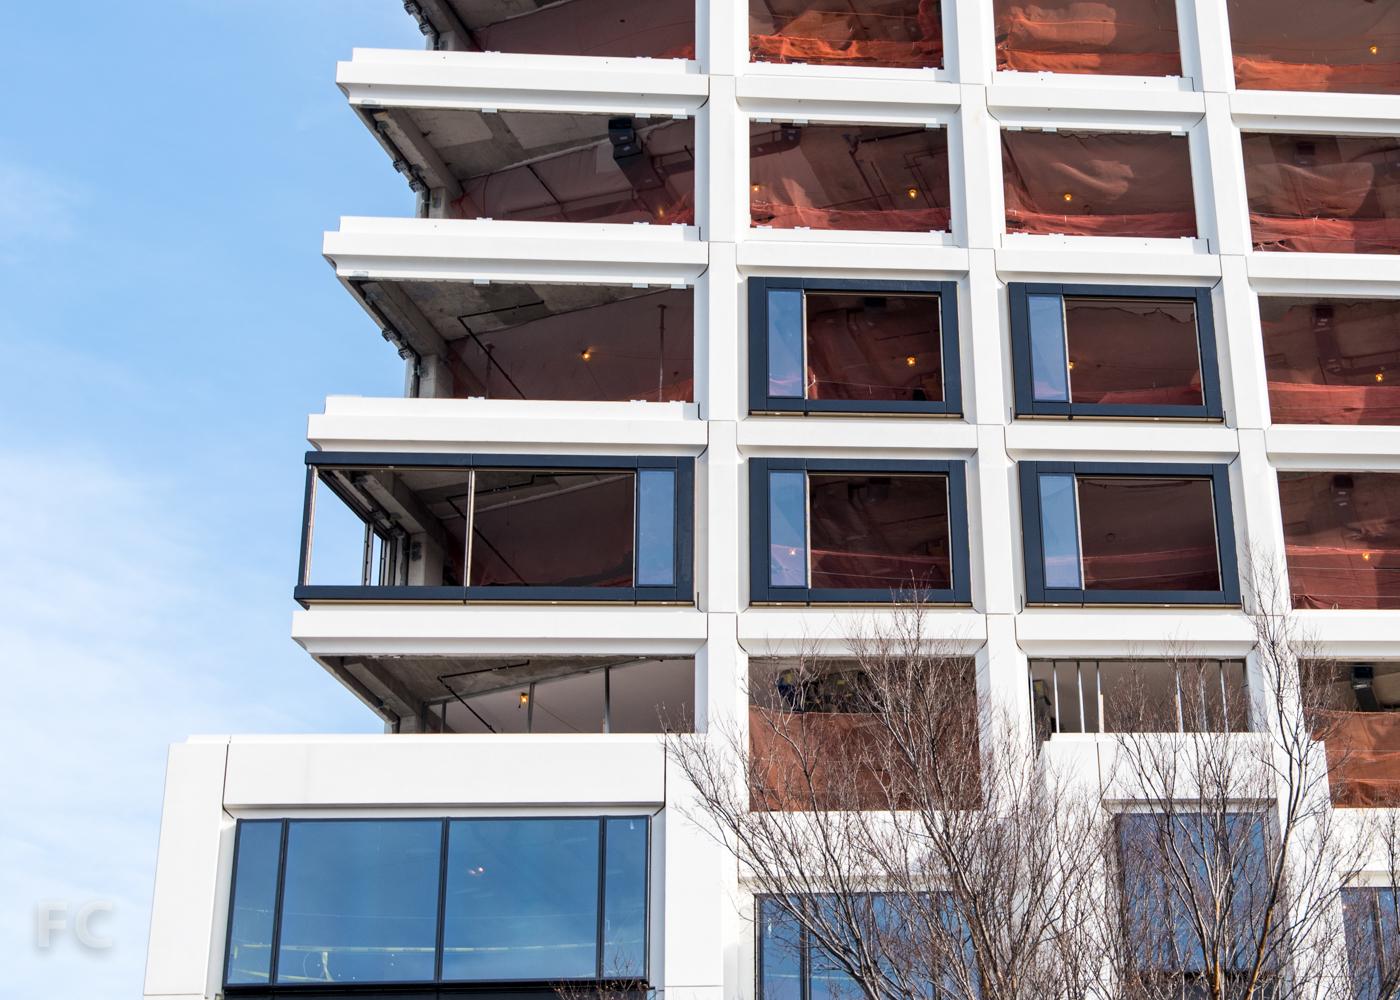 Detail of facade.